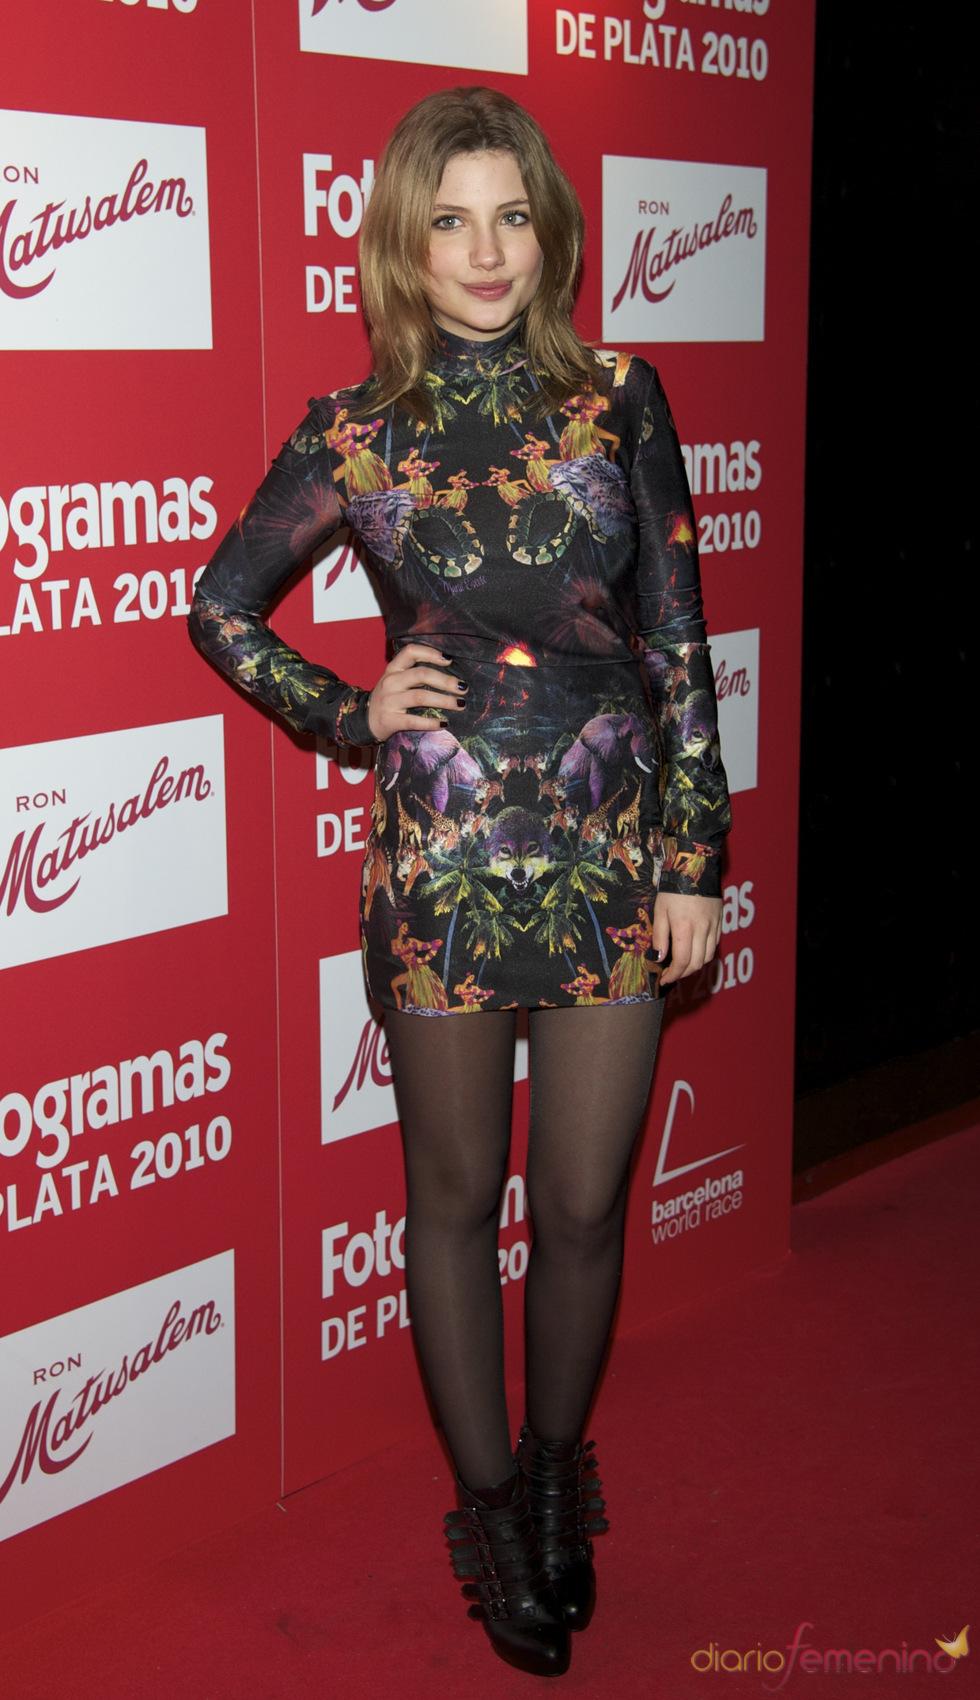 Miriam Giovanelli en los Premios Fotogramas de Plata 2010